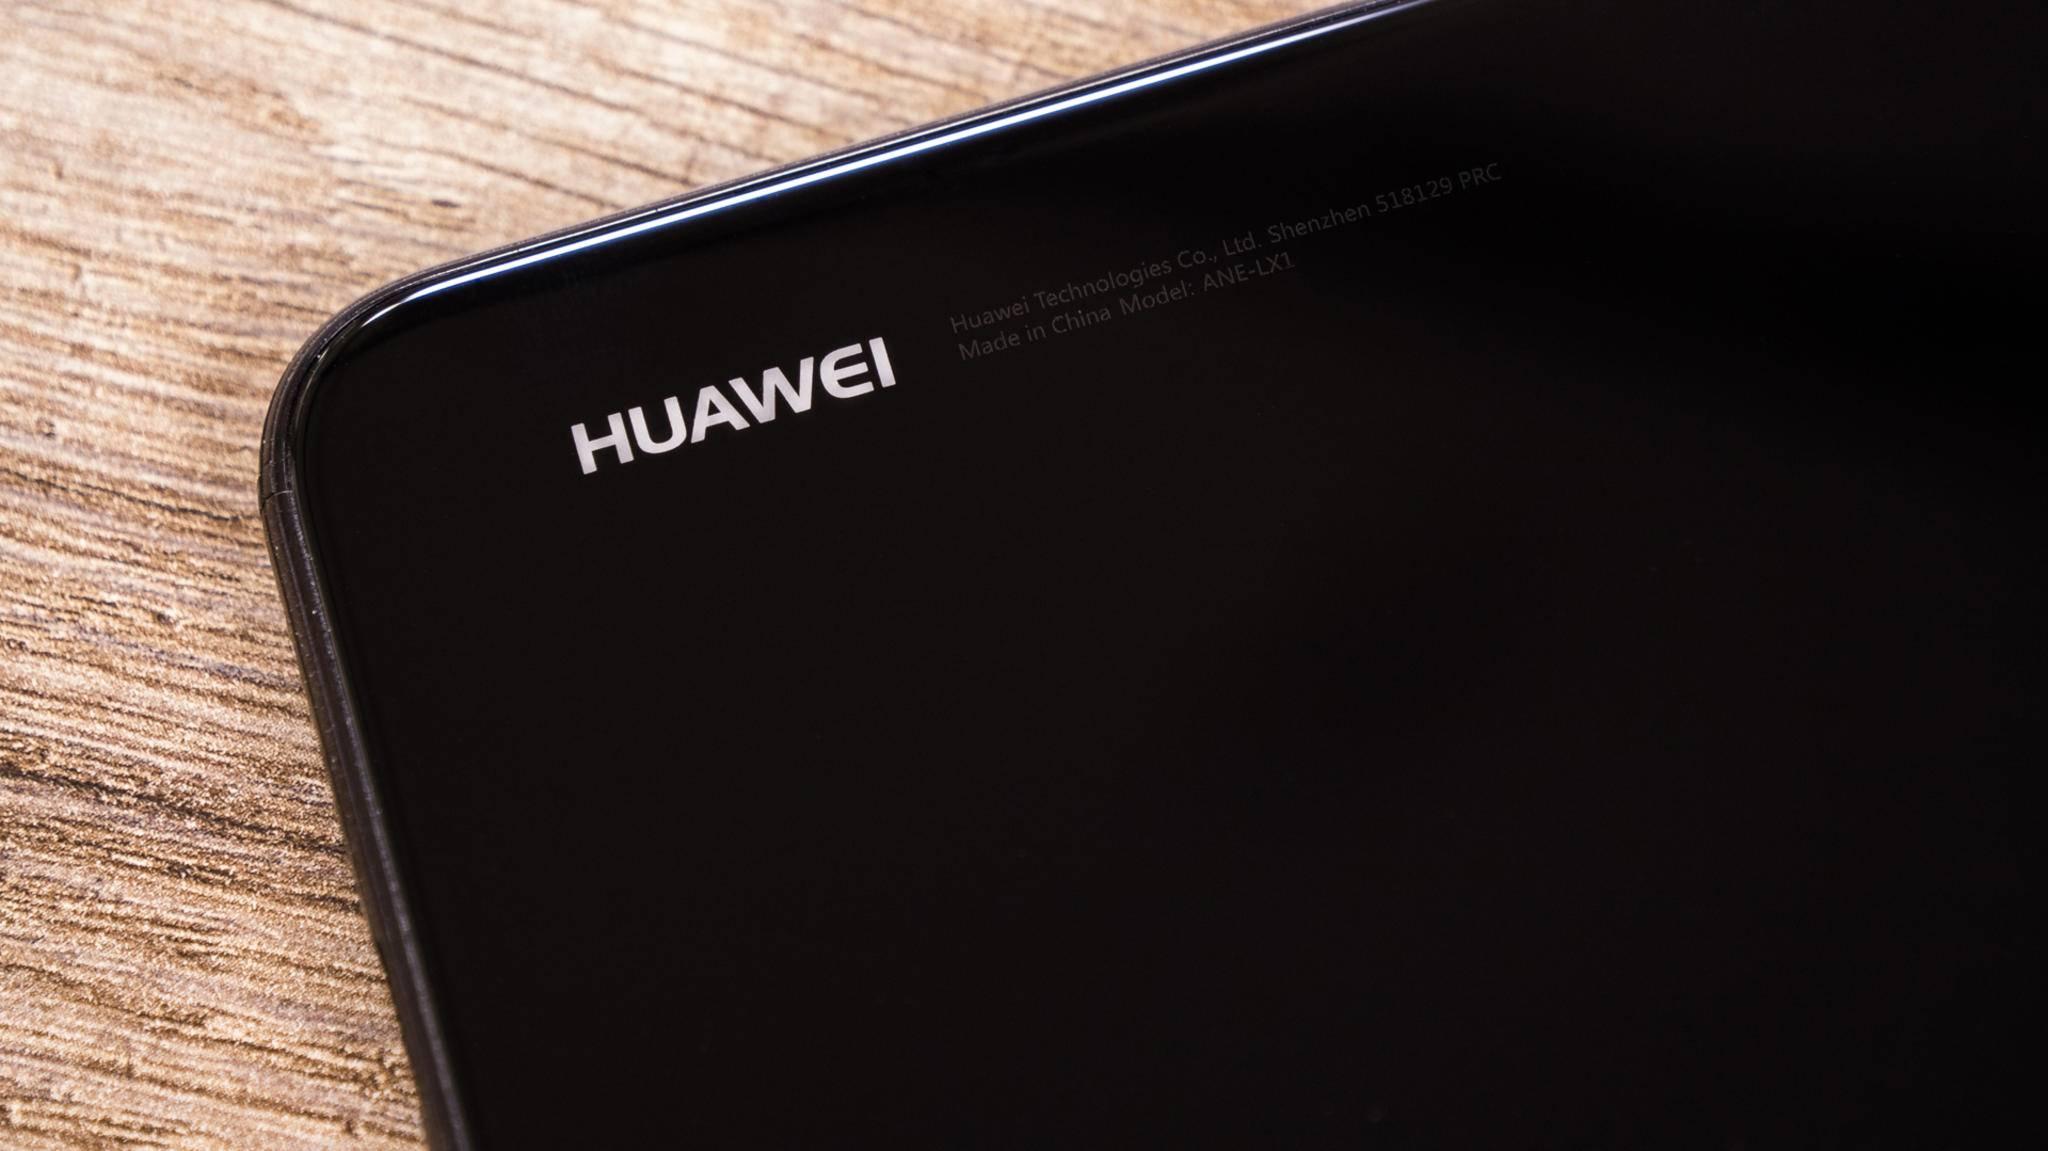 Die neueste Generation der Huawei Smartphones wird diese Woche vorgestellt.